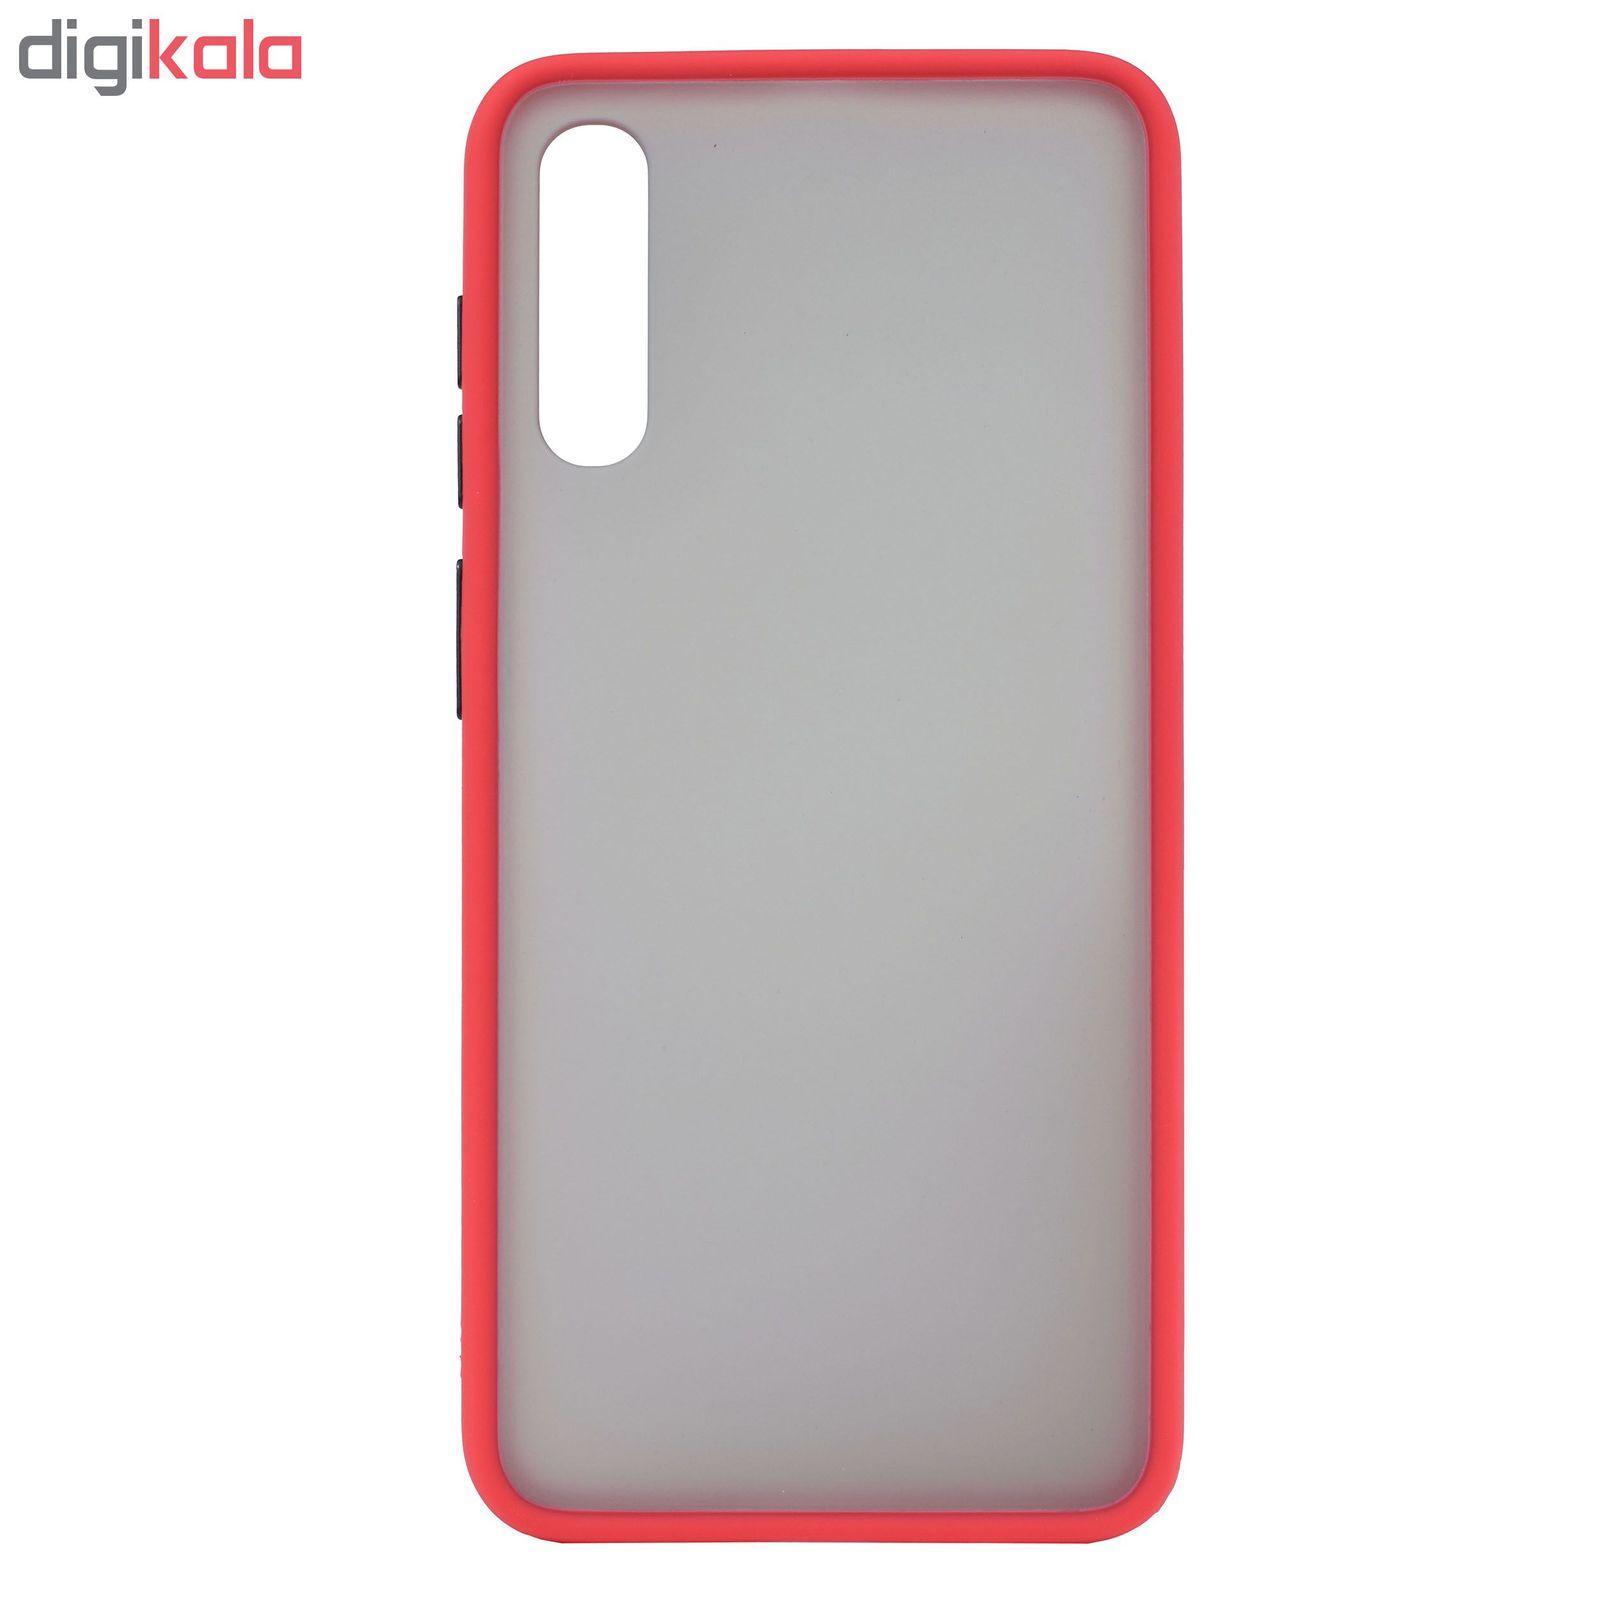 کاور مدل Slico01 مناسب برای گوشی موبایل سامسونگ Galaxy A50 main 1 13